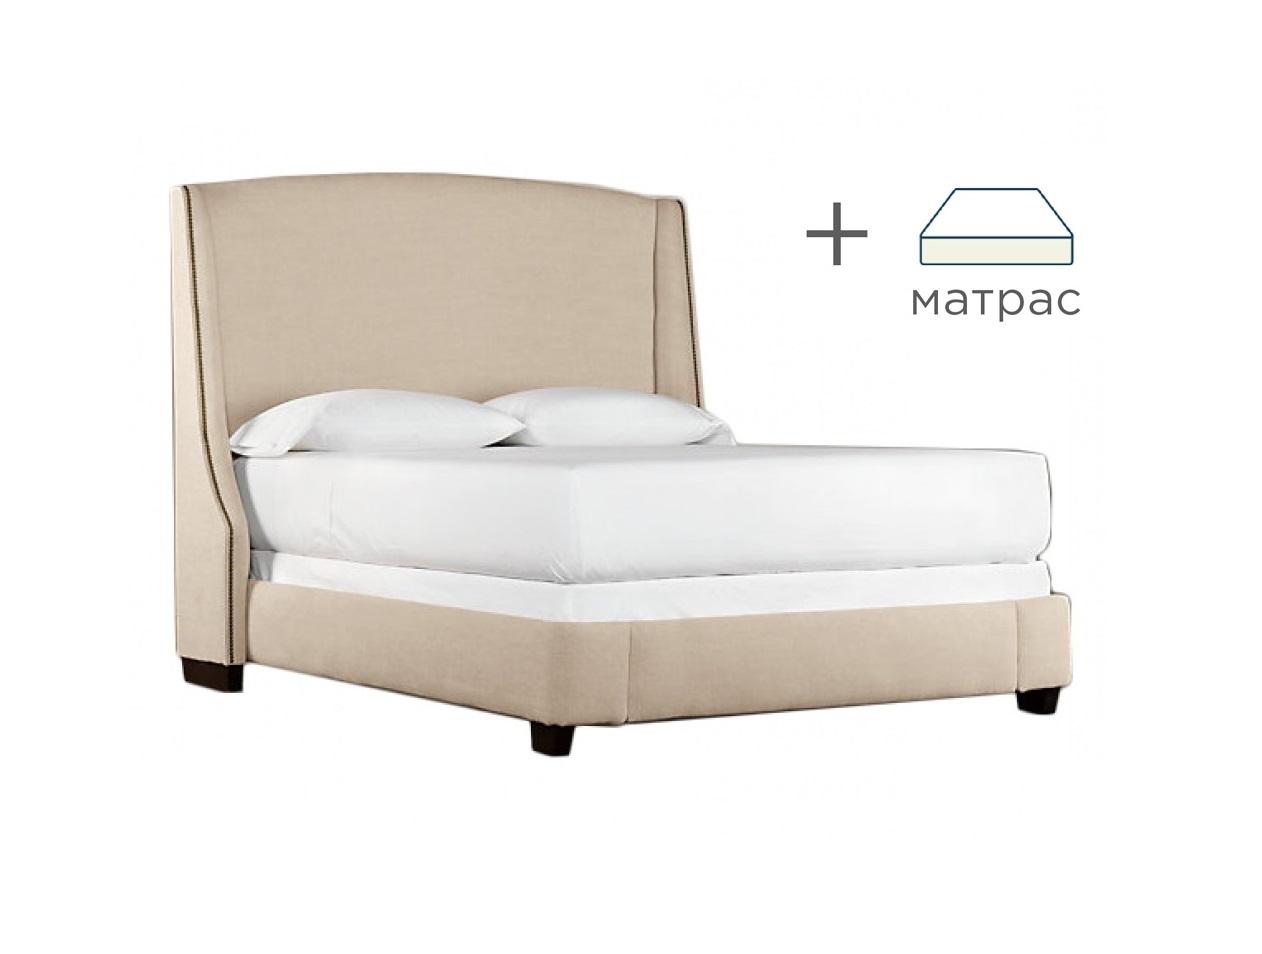 Кровать Hugo Lite с матрасомКровати + матрасы<br>&amp;lt;div&amp;gt;Выгодная скидка при покупке комплекта!&amp;lt;/div&amp;gt;&amp;lt;div&amp;gt;Кровать вместе с ортопедическим матрасом &amp;quot;Ascona Terapia Orient&amp;quot;.&amp;lt;/div&amp;gt;&amp;lt;div&amp;gt;&amp;lt;br&amp;gt;&amp;lt;/div&amp;gt;&amp;lt;div&amp;gt;Характеристики кровати:&amp;lt;/div&amp;gt;&amp;lt;div&amp;gt;Материалы: бук, текстиль&amp;lt;br&amp;gt;&amp;lt;/div&amp;gt;&amp;lt;div&amp;gt;Размер спального места: 160x200&amp;lt;/div&amp;gt;&amp;lt;div&amp;gt;&amp;lt;br&amp;gt;&amp;lt;/div&amp;gt;&amp;lt;div&amp;gt;Характеристики матраса:&amp;lt;/div&amp;gt;&amp;lt;div&amp;gt;&amp;lt;div&amp;gt;Прослойки из кокосовой койры;&amp;lt;/div&amp;gt;&amp;lt;div&amp;gt;Слои ортопедической пены Orto Foam с эффектом «памяти формы»;&amp;lt;/div&amp;gt;&amp;lt;div&amp;gt;По периметру матраса искусственный латекс;&amp;lt;/div&amp;gt;&amp;lt;div&amp;gt;Чехол с антибактериальной пропиткой и ионами серебра;&amp;lt;/div&amp;gt;&amp;lt;div&amp;gt;Пружинный блок: блок независимых пружин;&amp;lt;/div&amp;gt;&amp;lt;div&amp;gt;Жесткость: средняя;&amp;lt;/div&amp;gt;&amp;lt;div&amp;gt;Максимальная нагрузка: до 140 кг;&amp;lt;/div&amp;gt;&amp;lt;div&amp;gt;Высота: 25 см;&amp;lt;/div&amp;gt;&amp;lt;div&amp;gt;Зима/Лето: да.&amp;lt;/div&amp;gt;&amp;lt;/div&amp;gt;&amp;lt;div&amp;gt;&amp;lt;br&amp;gt;&amp;lt;/div&amp;gt;&amp;lt;a href=&amp;quot;/shop/mebel/mebel-dlya-doma/krovati/krovati-s-maygkim-izgoloviem/29699-krovat-hugo-lite&amp;quot;&amp;gt;Купить отдельно кровать&amp;lt;/a&amp;gt;<br><br>Material: Текстиль<br>Ширина см: 225<br>Высота см: 132<br>Глубина см: 177